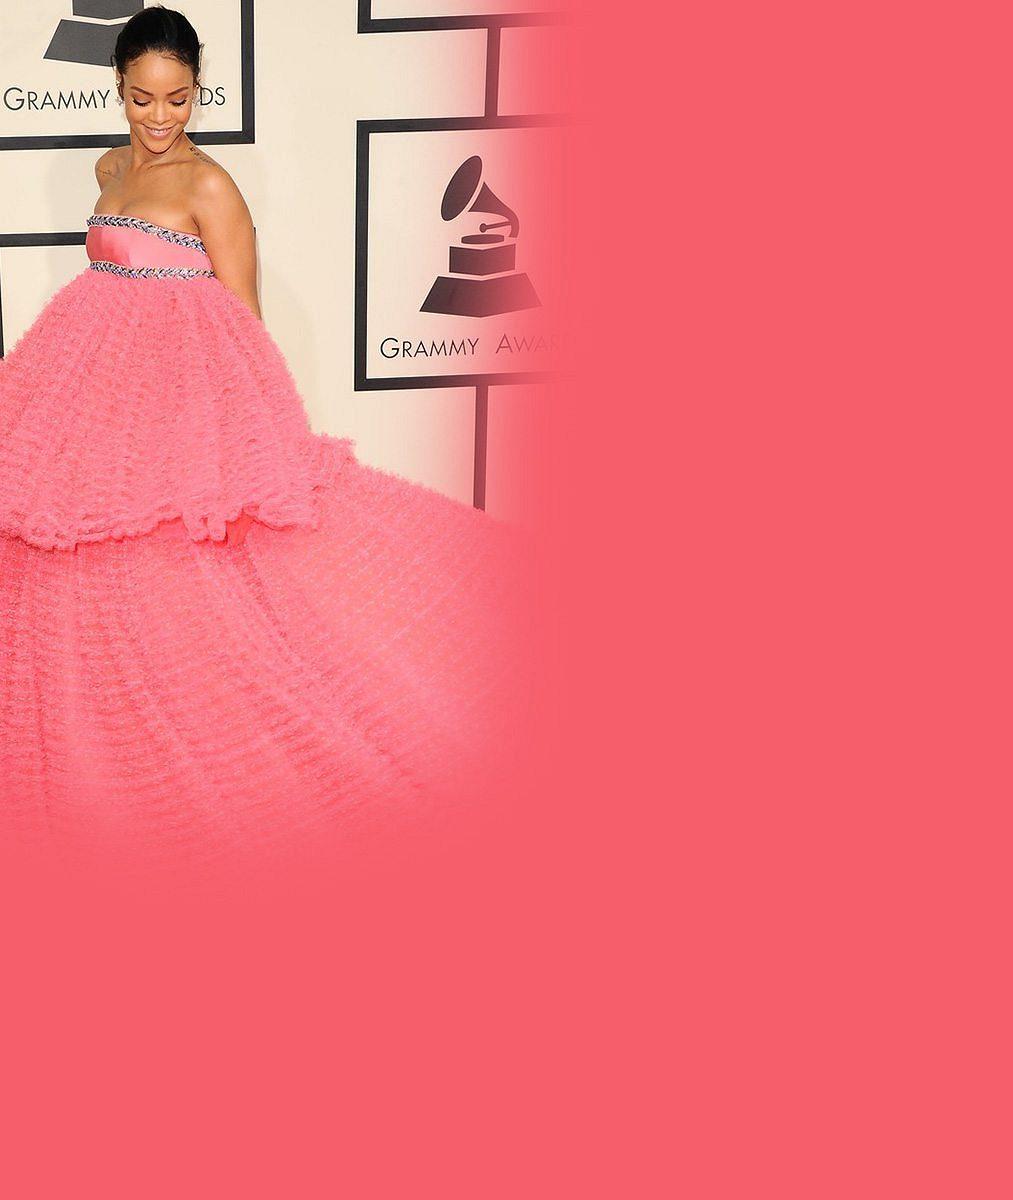 Síň hanby pro Rihannu? Módní ikona zahalila přednosti do obří růžové šlehačky